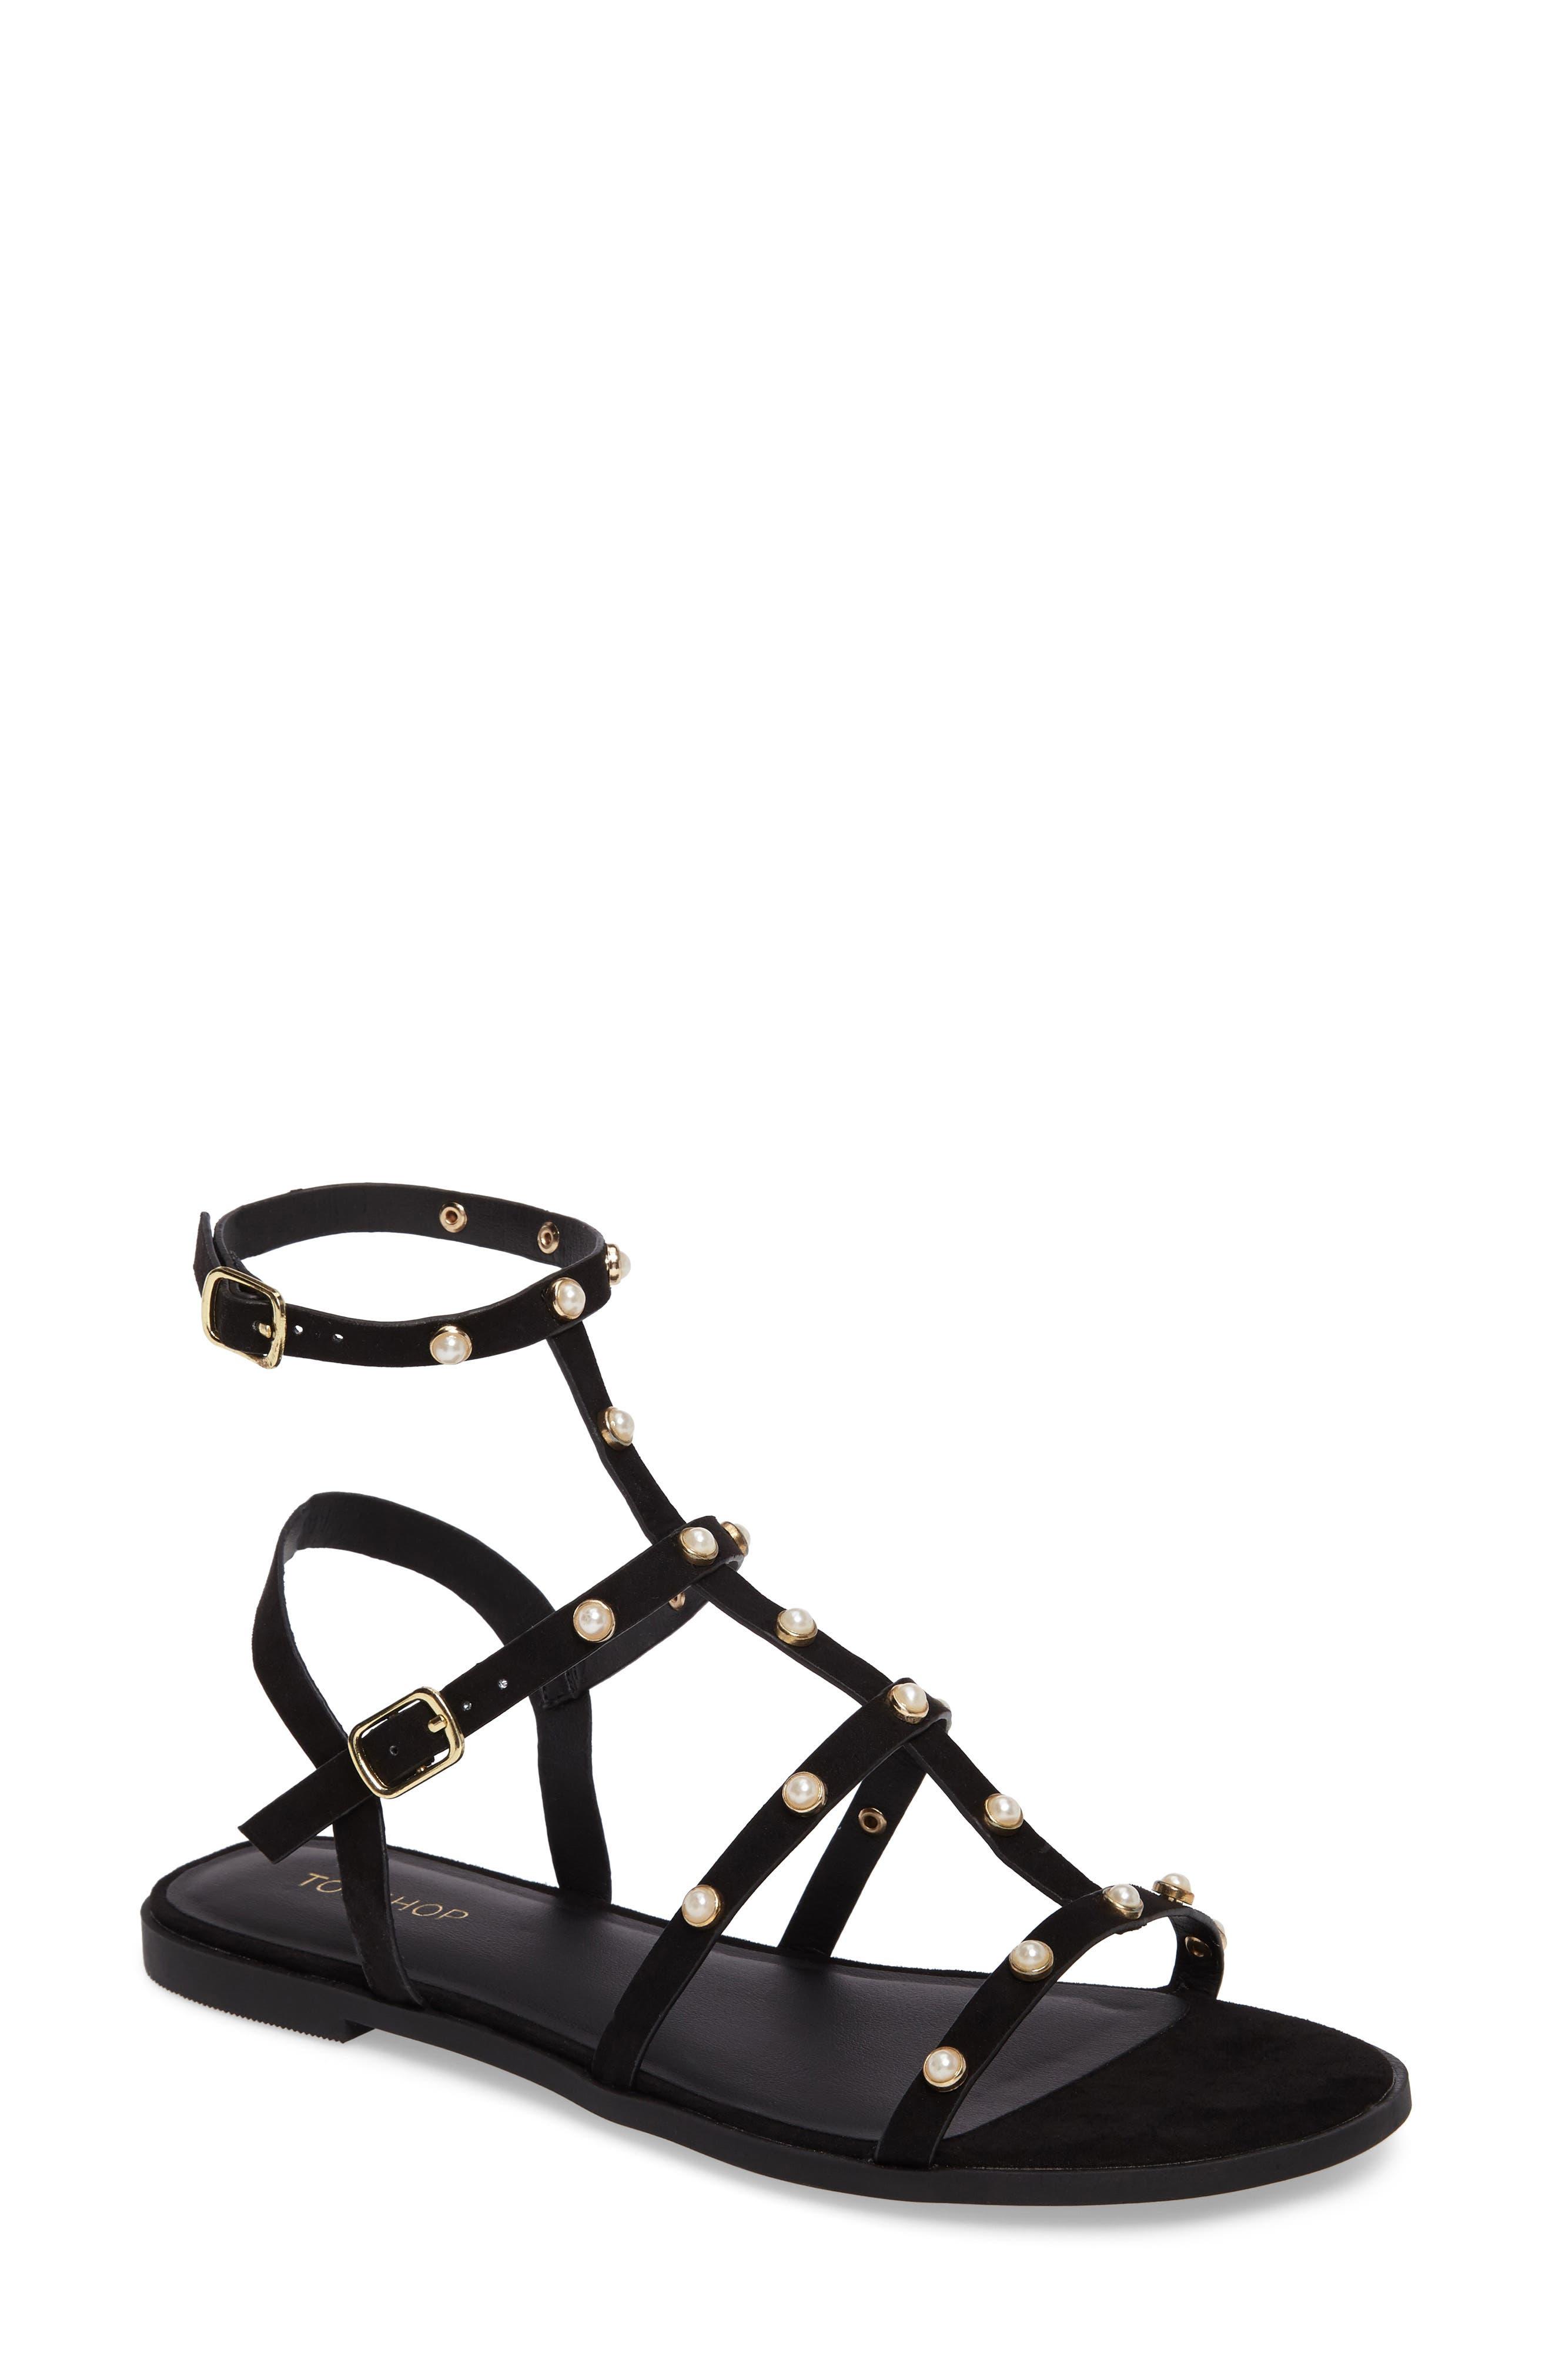 TOPSHOP Hive Pearl Gladiator Sandal